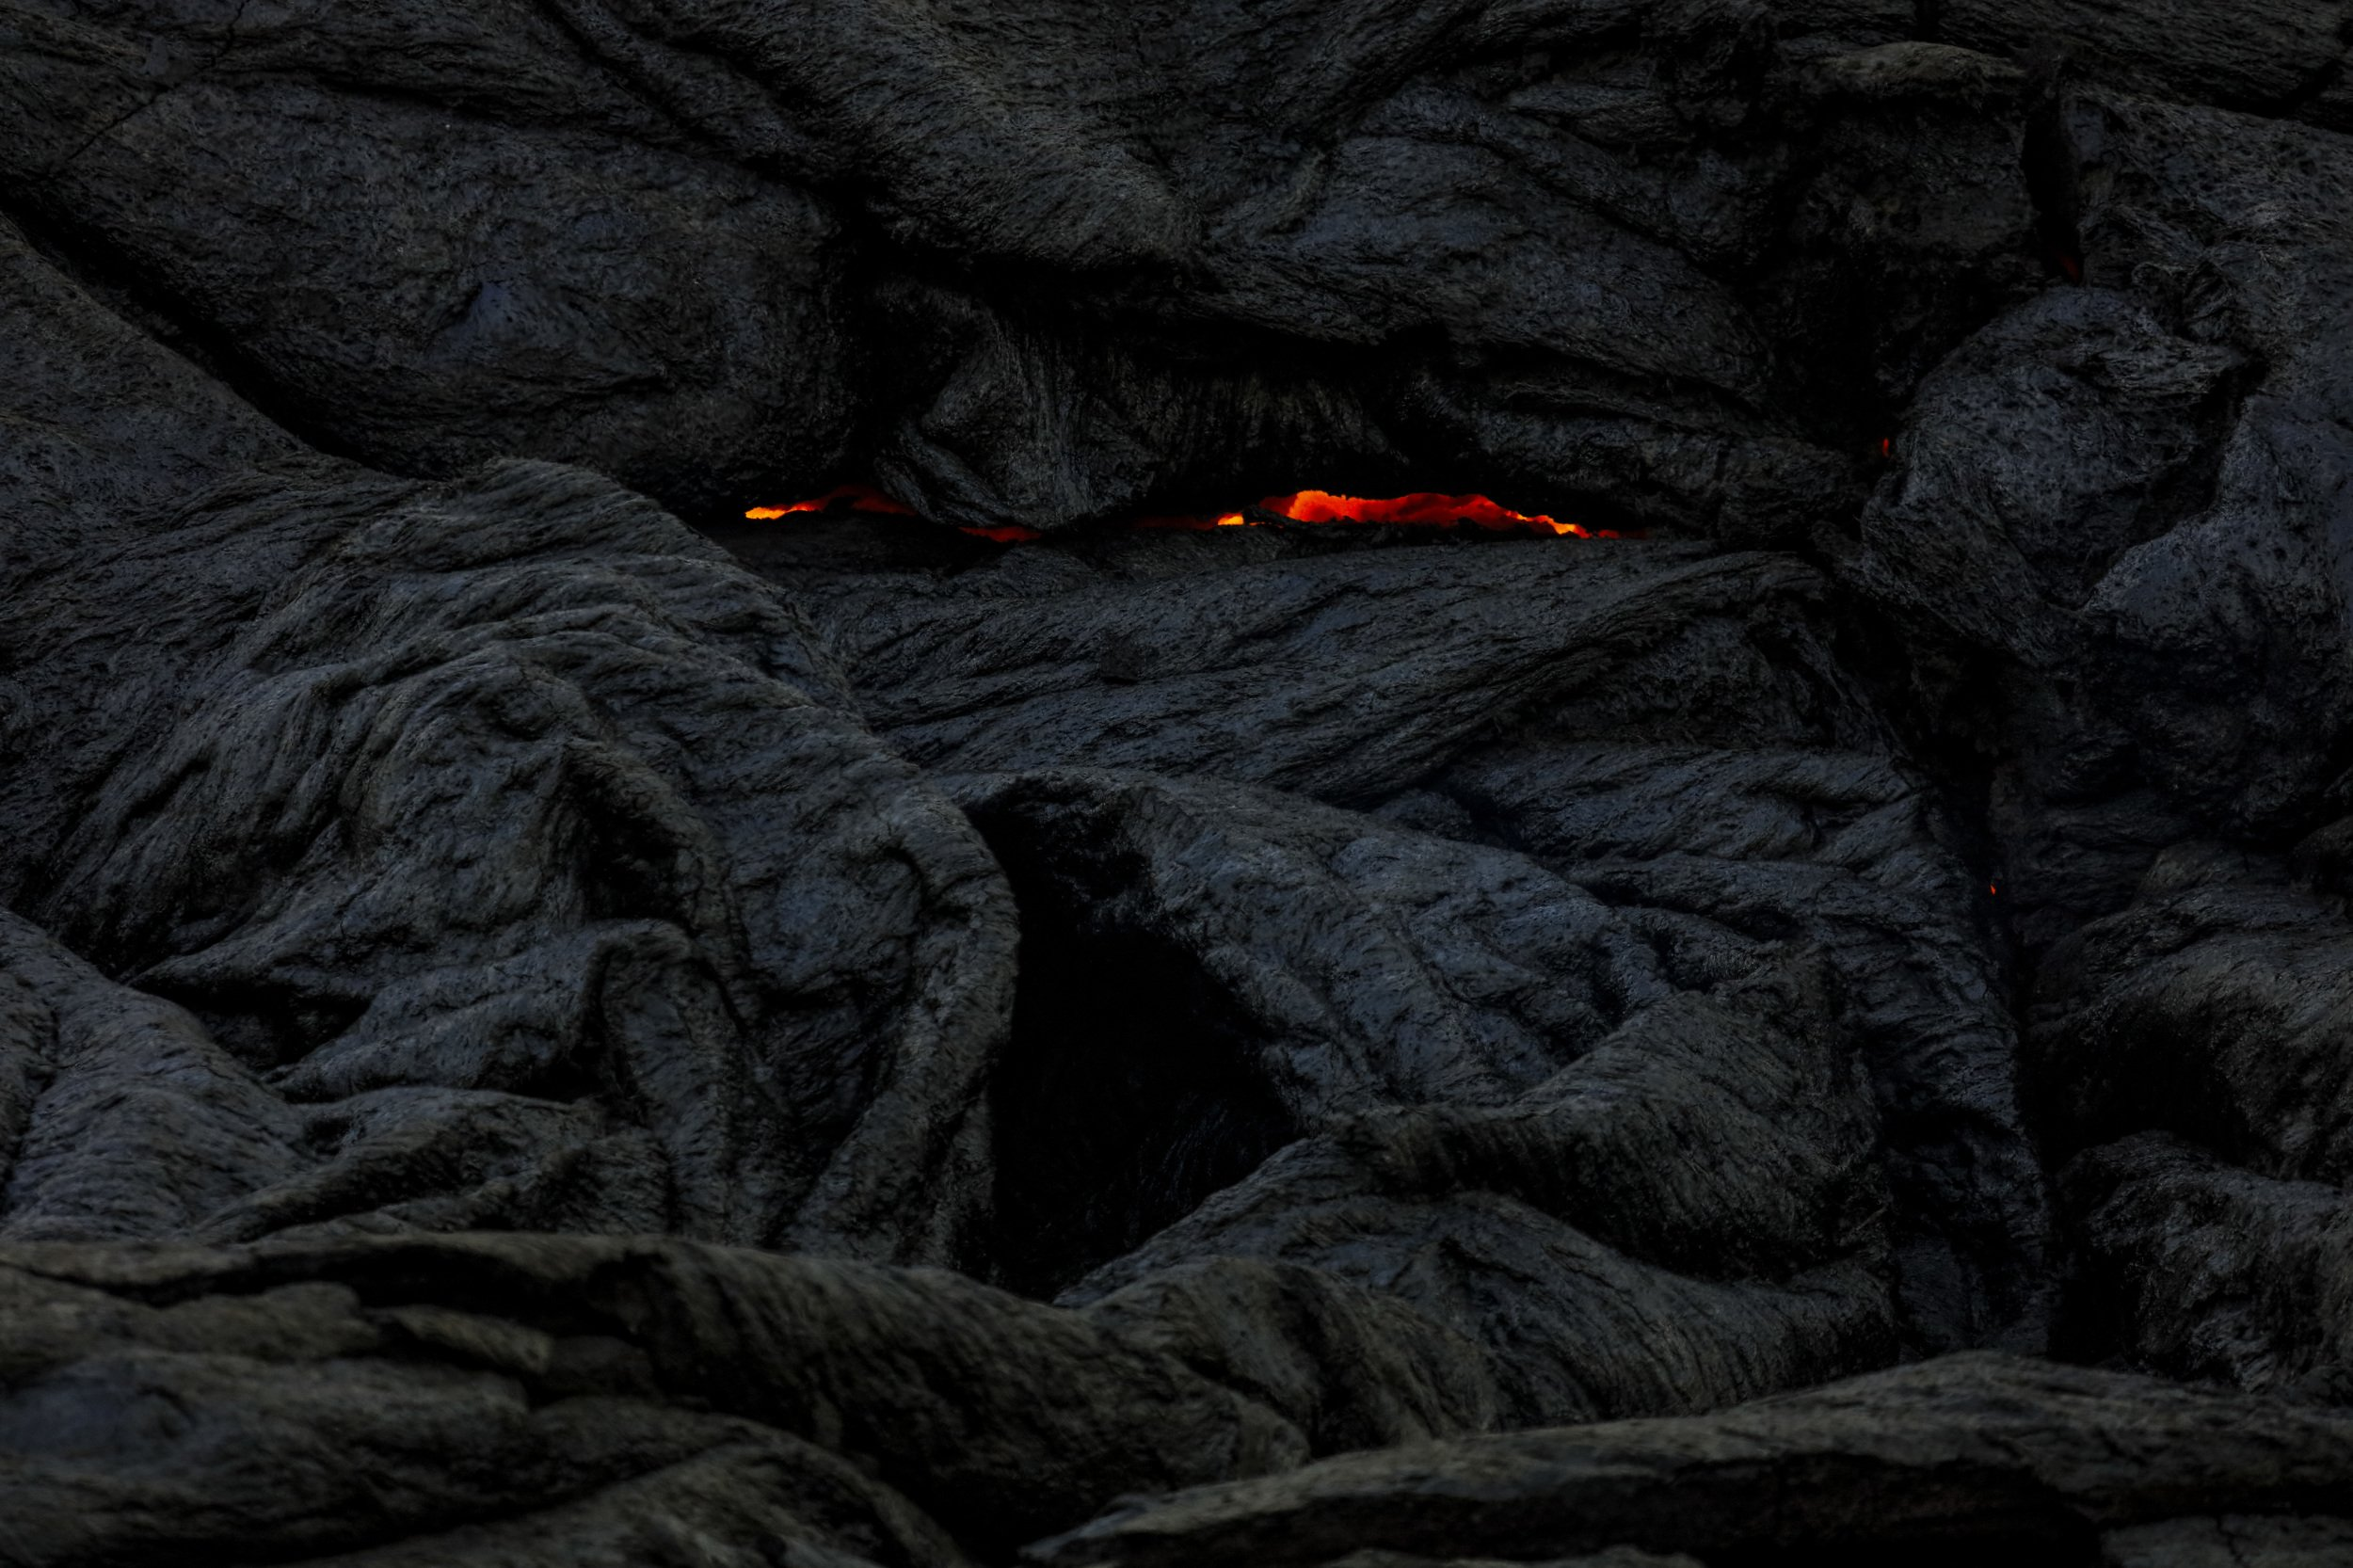 абстракция,лава,извержение,вулкан,исландия, Stepanov Ruslan